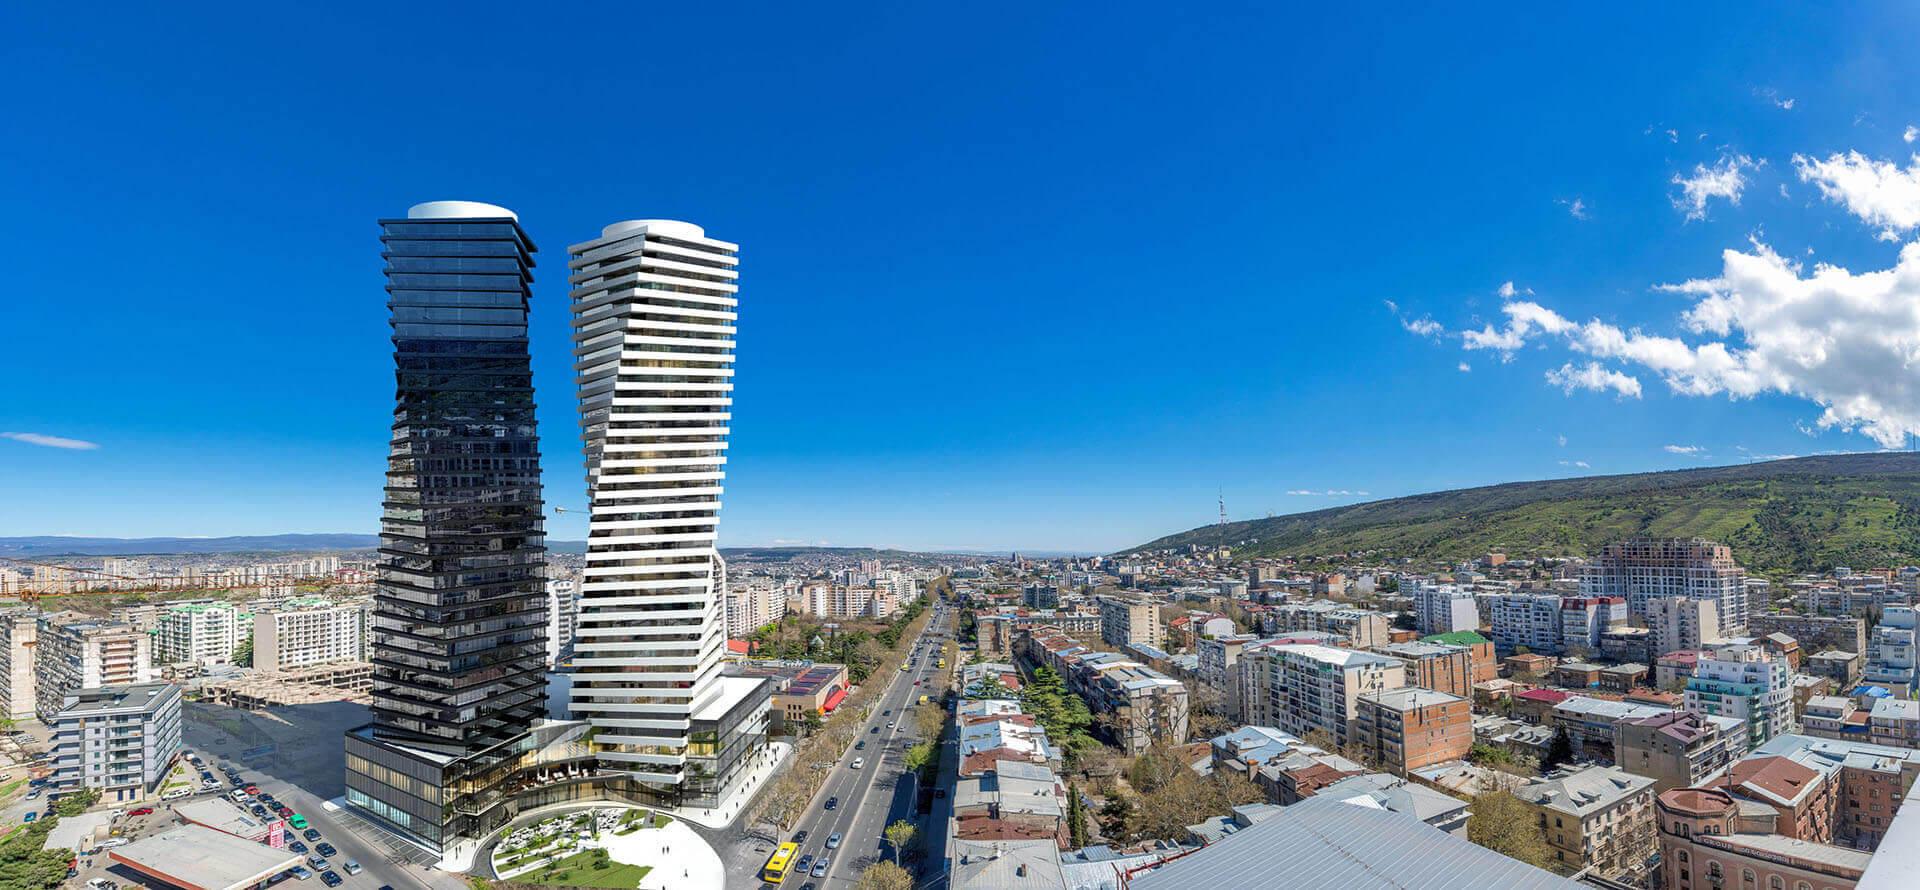 خرید ملک و اخذ اقامت گرجستان 2019